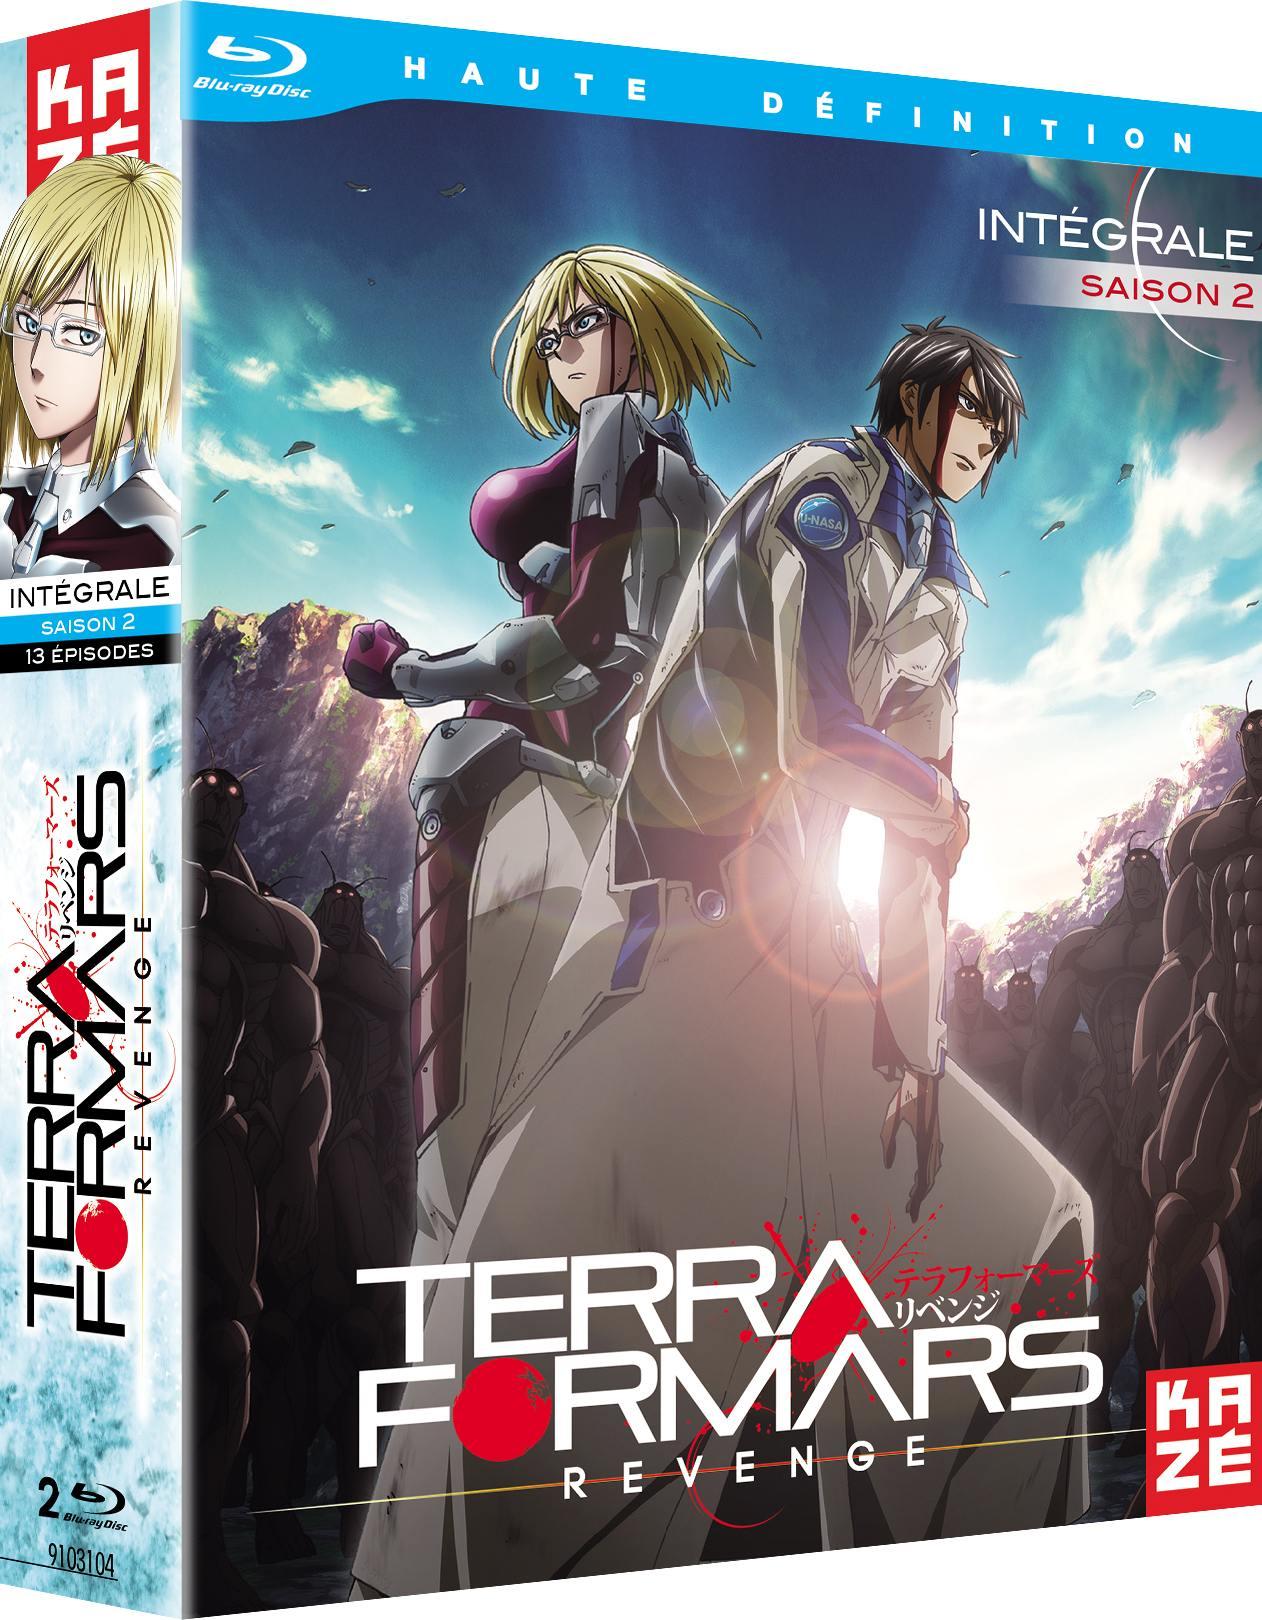 Terra formars revenge - saison 2 - 2 blu-ray